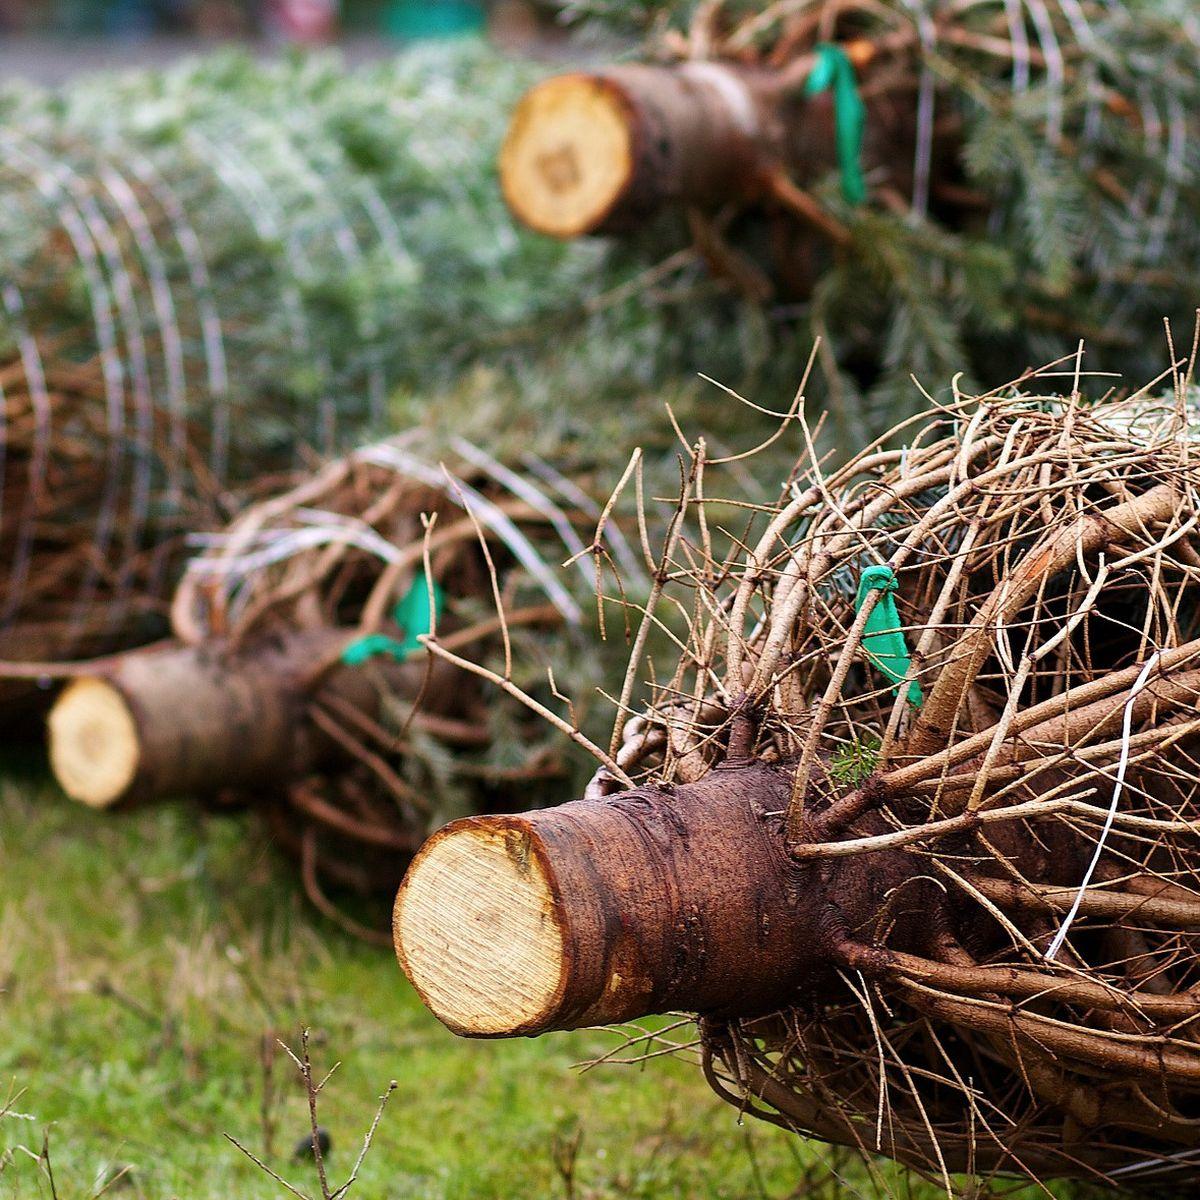 Weihnachtsbaum Herkunft.11 Fakten Und Anekdoten Zum Weihnachtsbaum Baumpflegeportal